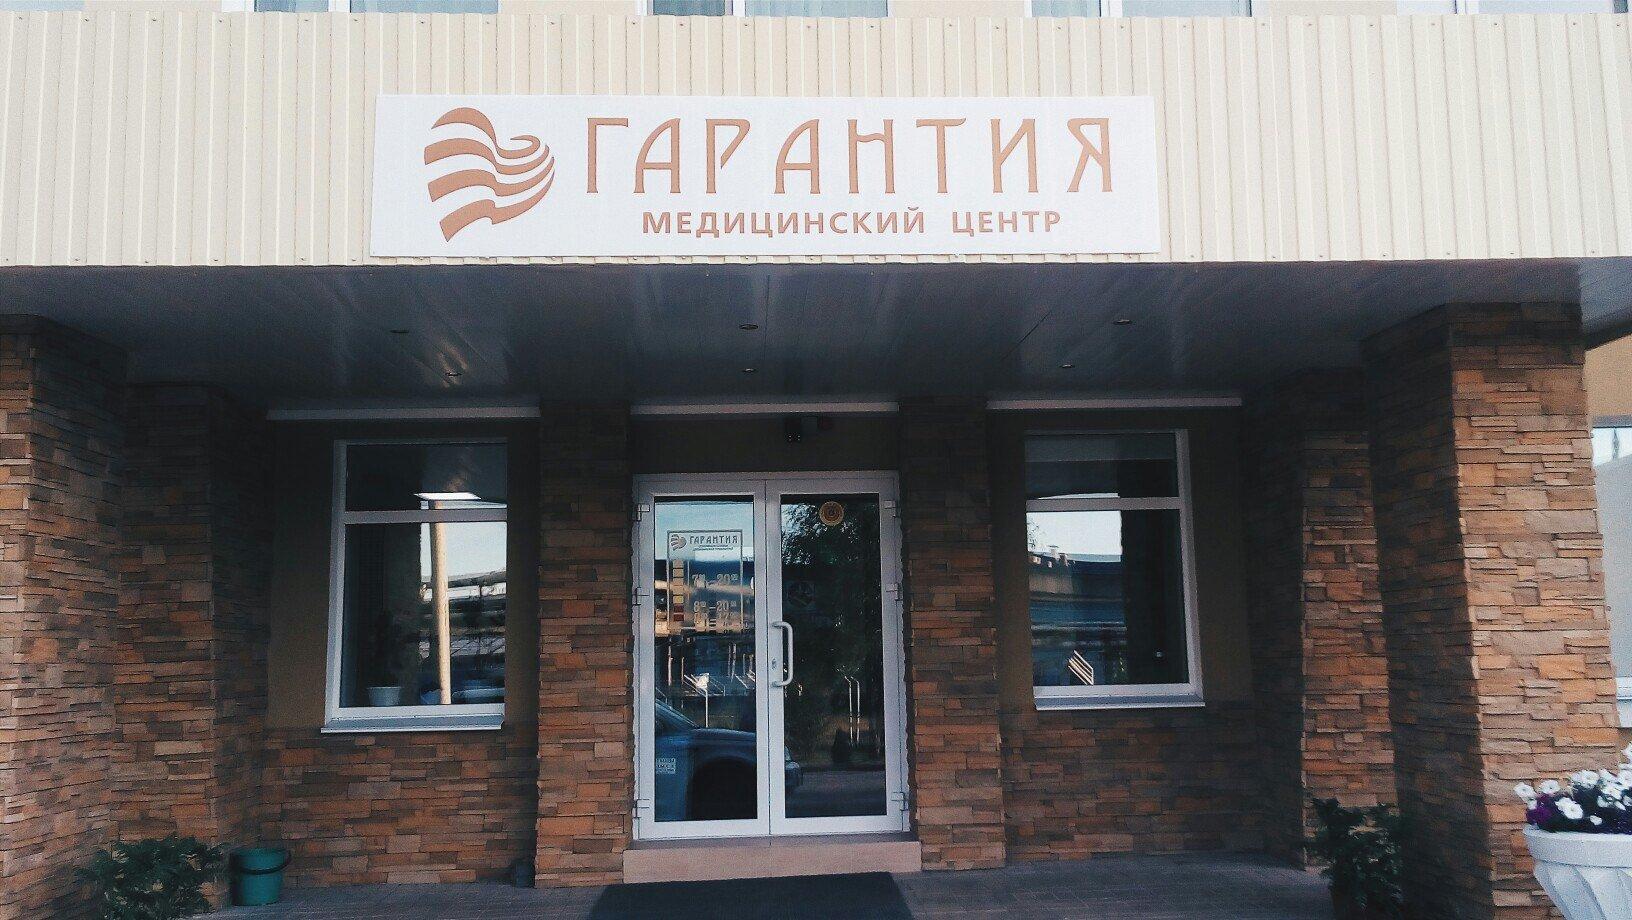 фотография Медицинского центра Гарантия на Стеклозаводском шоссе